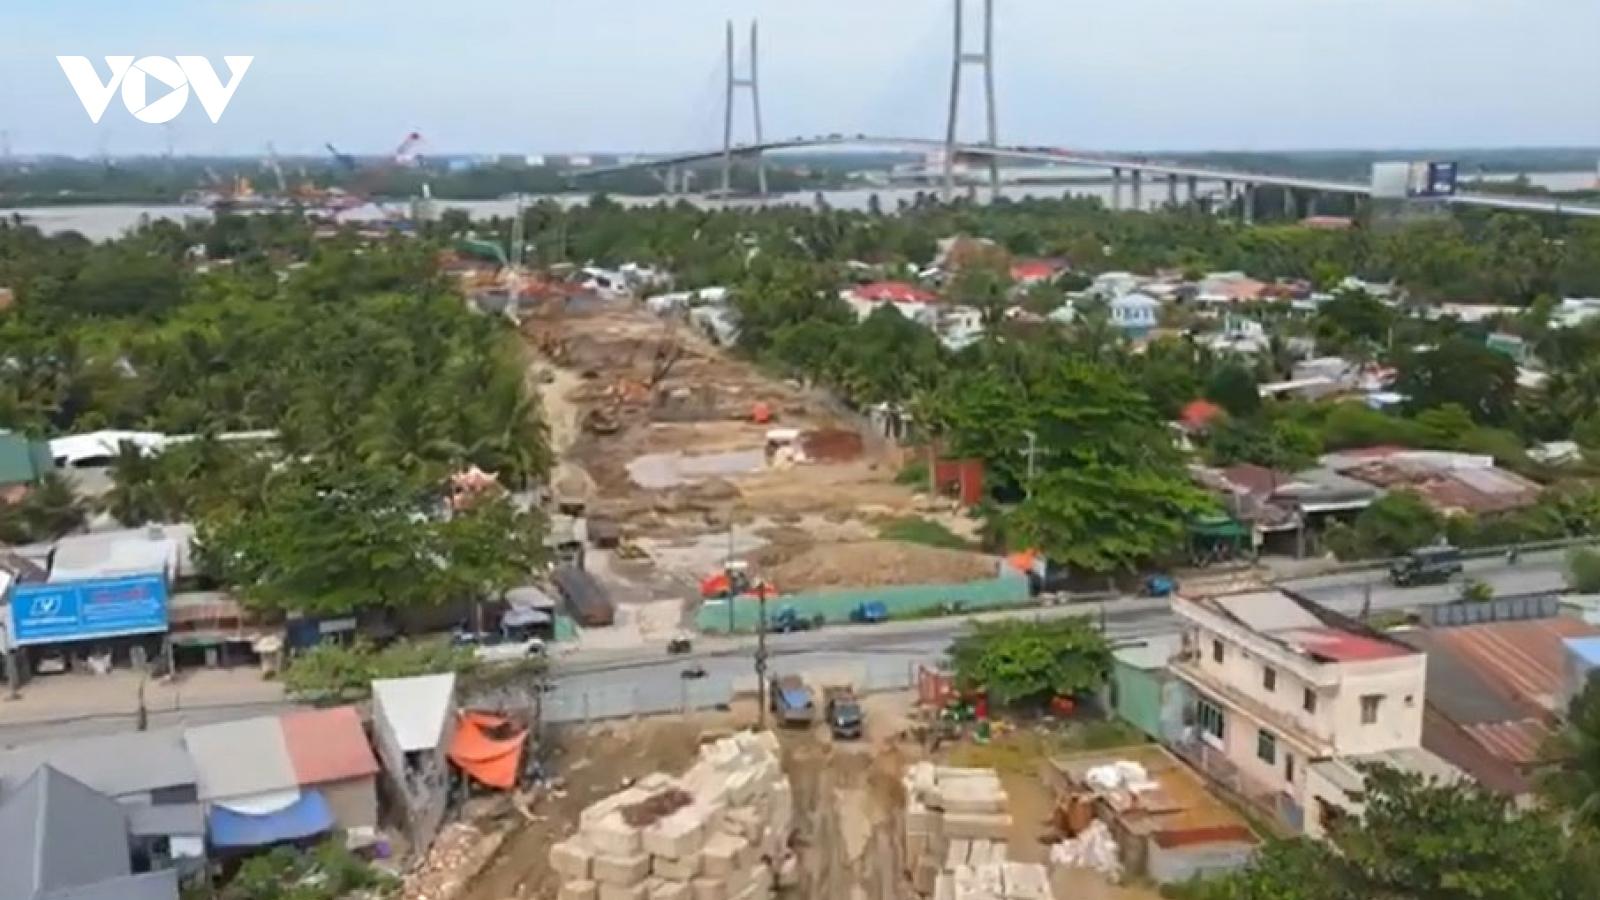 Cơ bản giải phóng xong mặt bằng để khởi công đường cao tốc Mỹ Thuận – Cần Thơ